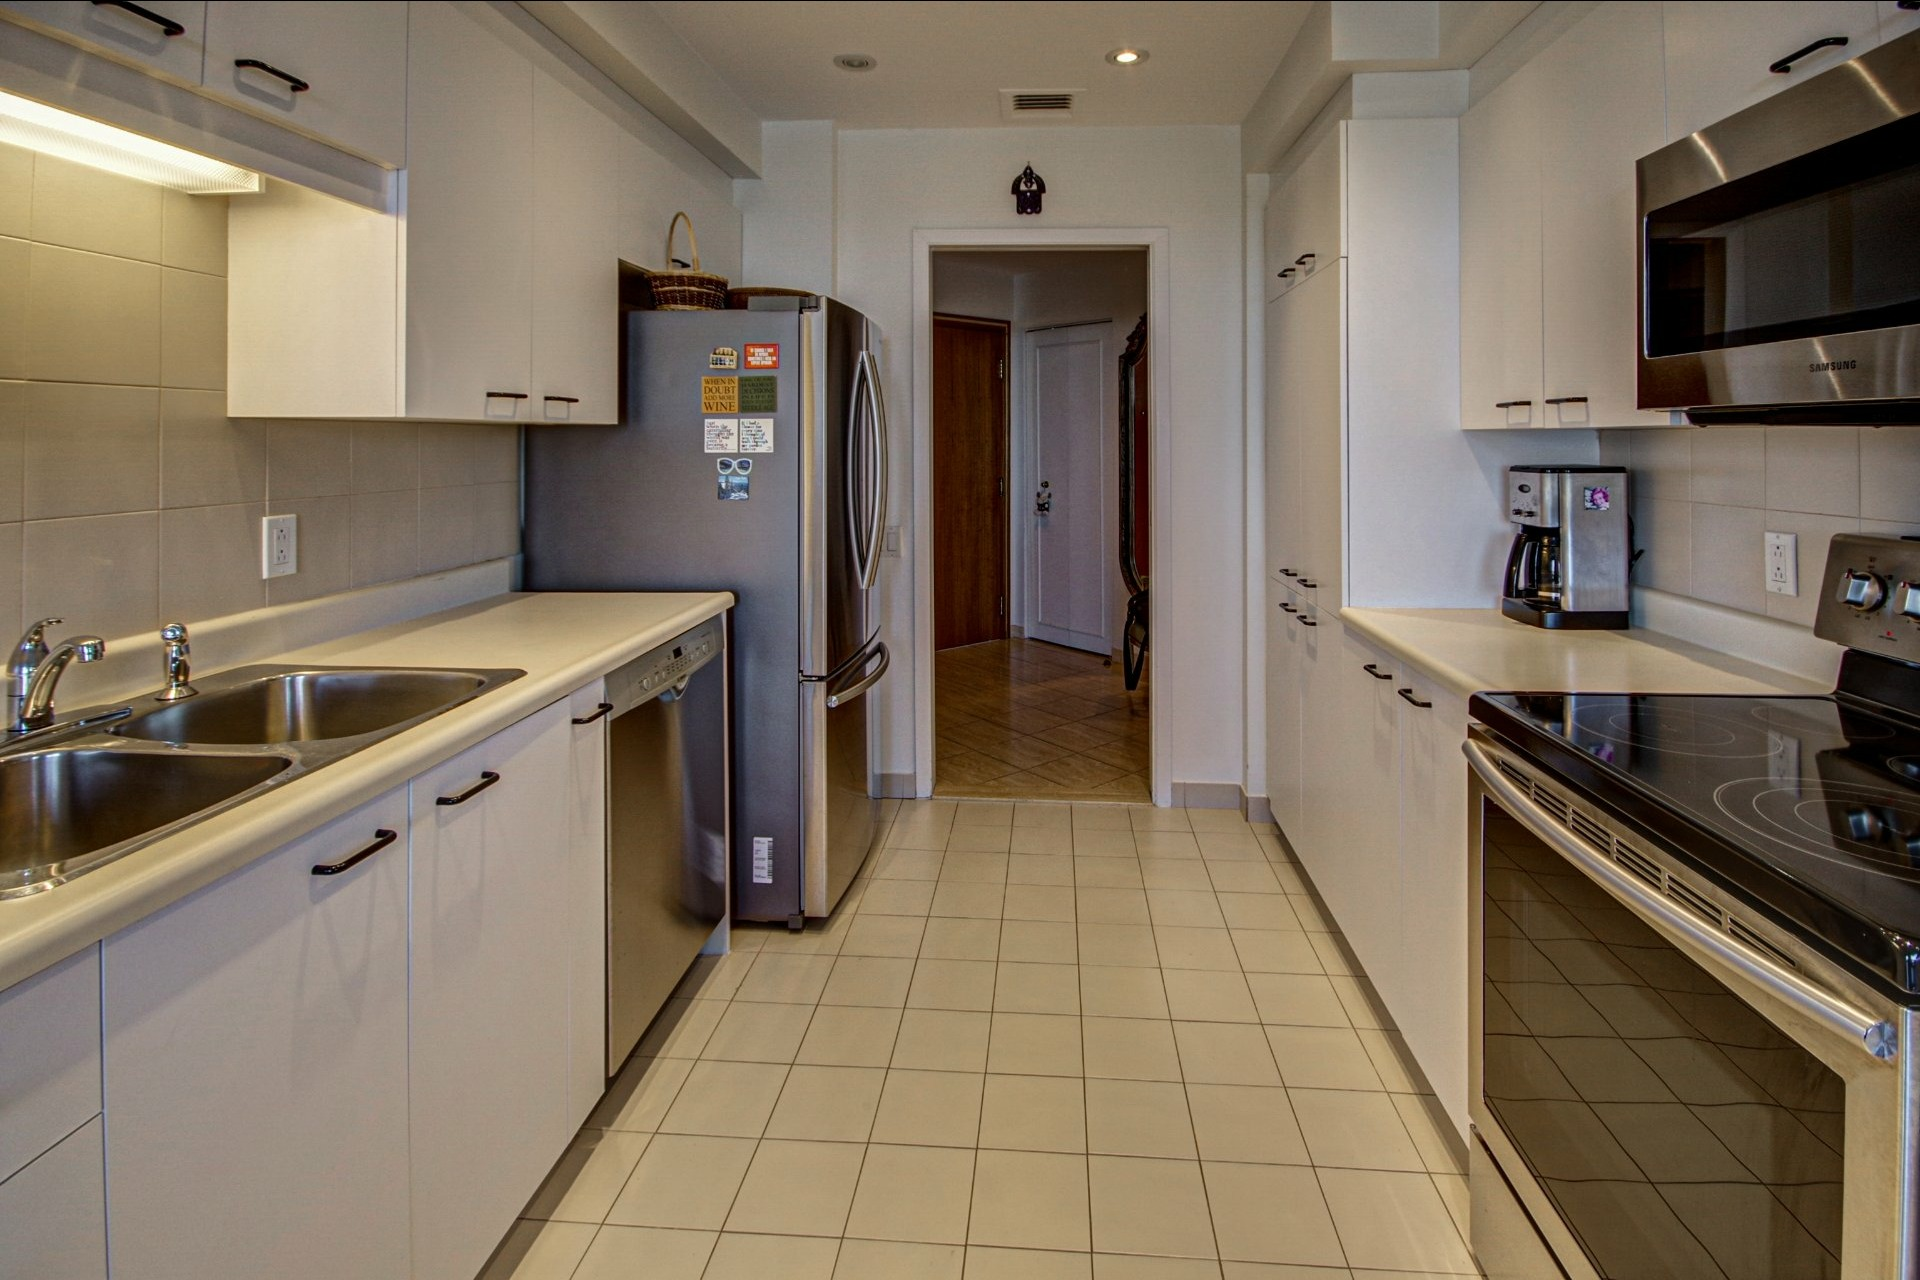 image 23 - Apartment For sale Côte-des-Neiges/Notre-Dame-de-Grâce Montréal  - 5 rooms